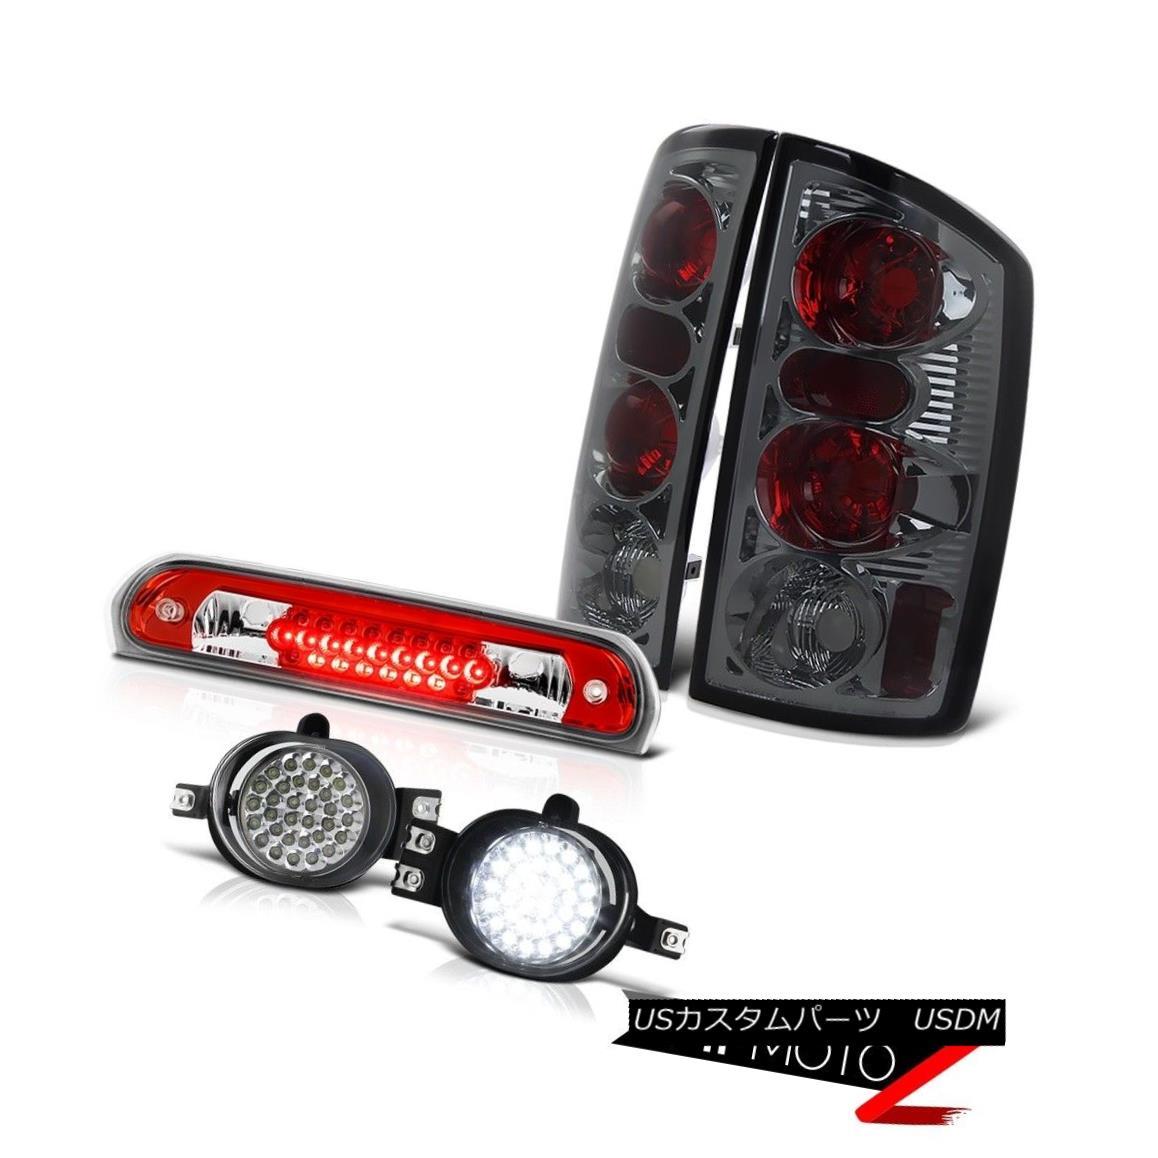 テールライト 2006 Dodge Ram V8 Rear Signal Tail Lights SMD LED Foglamps Wine Red Third Brake 2006 Dodge Ram V8リアシグナルテールライトSMD LEDフォグランプワインレッドThird Brake